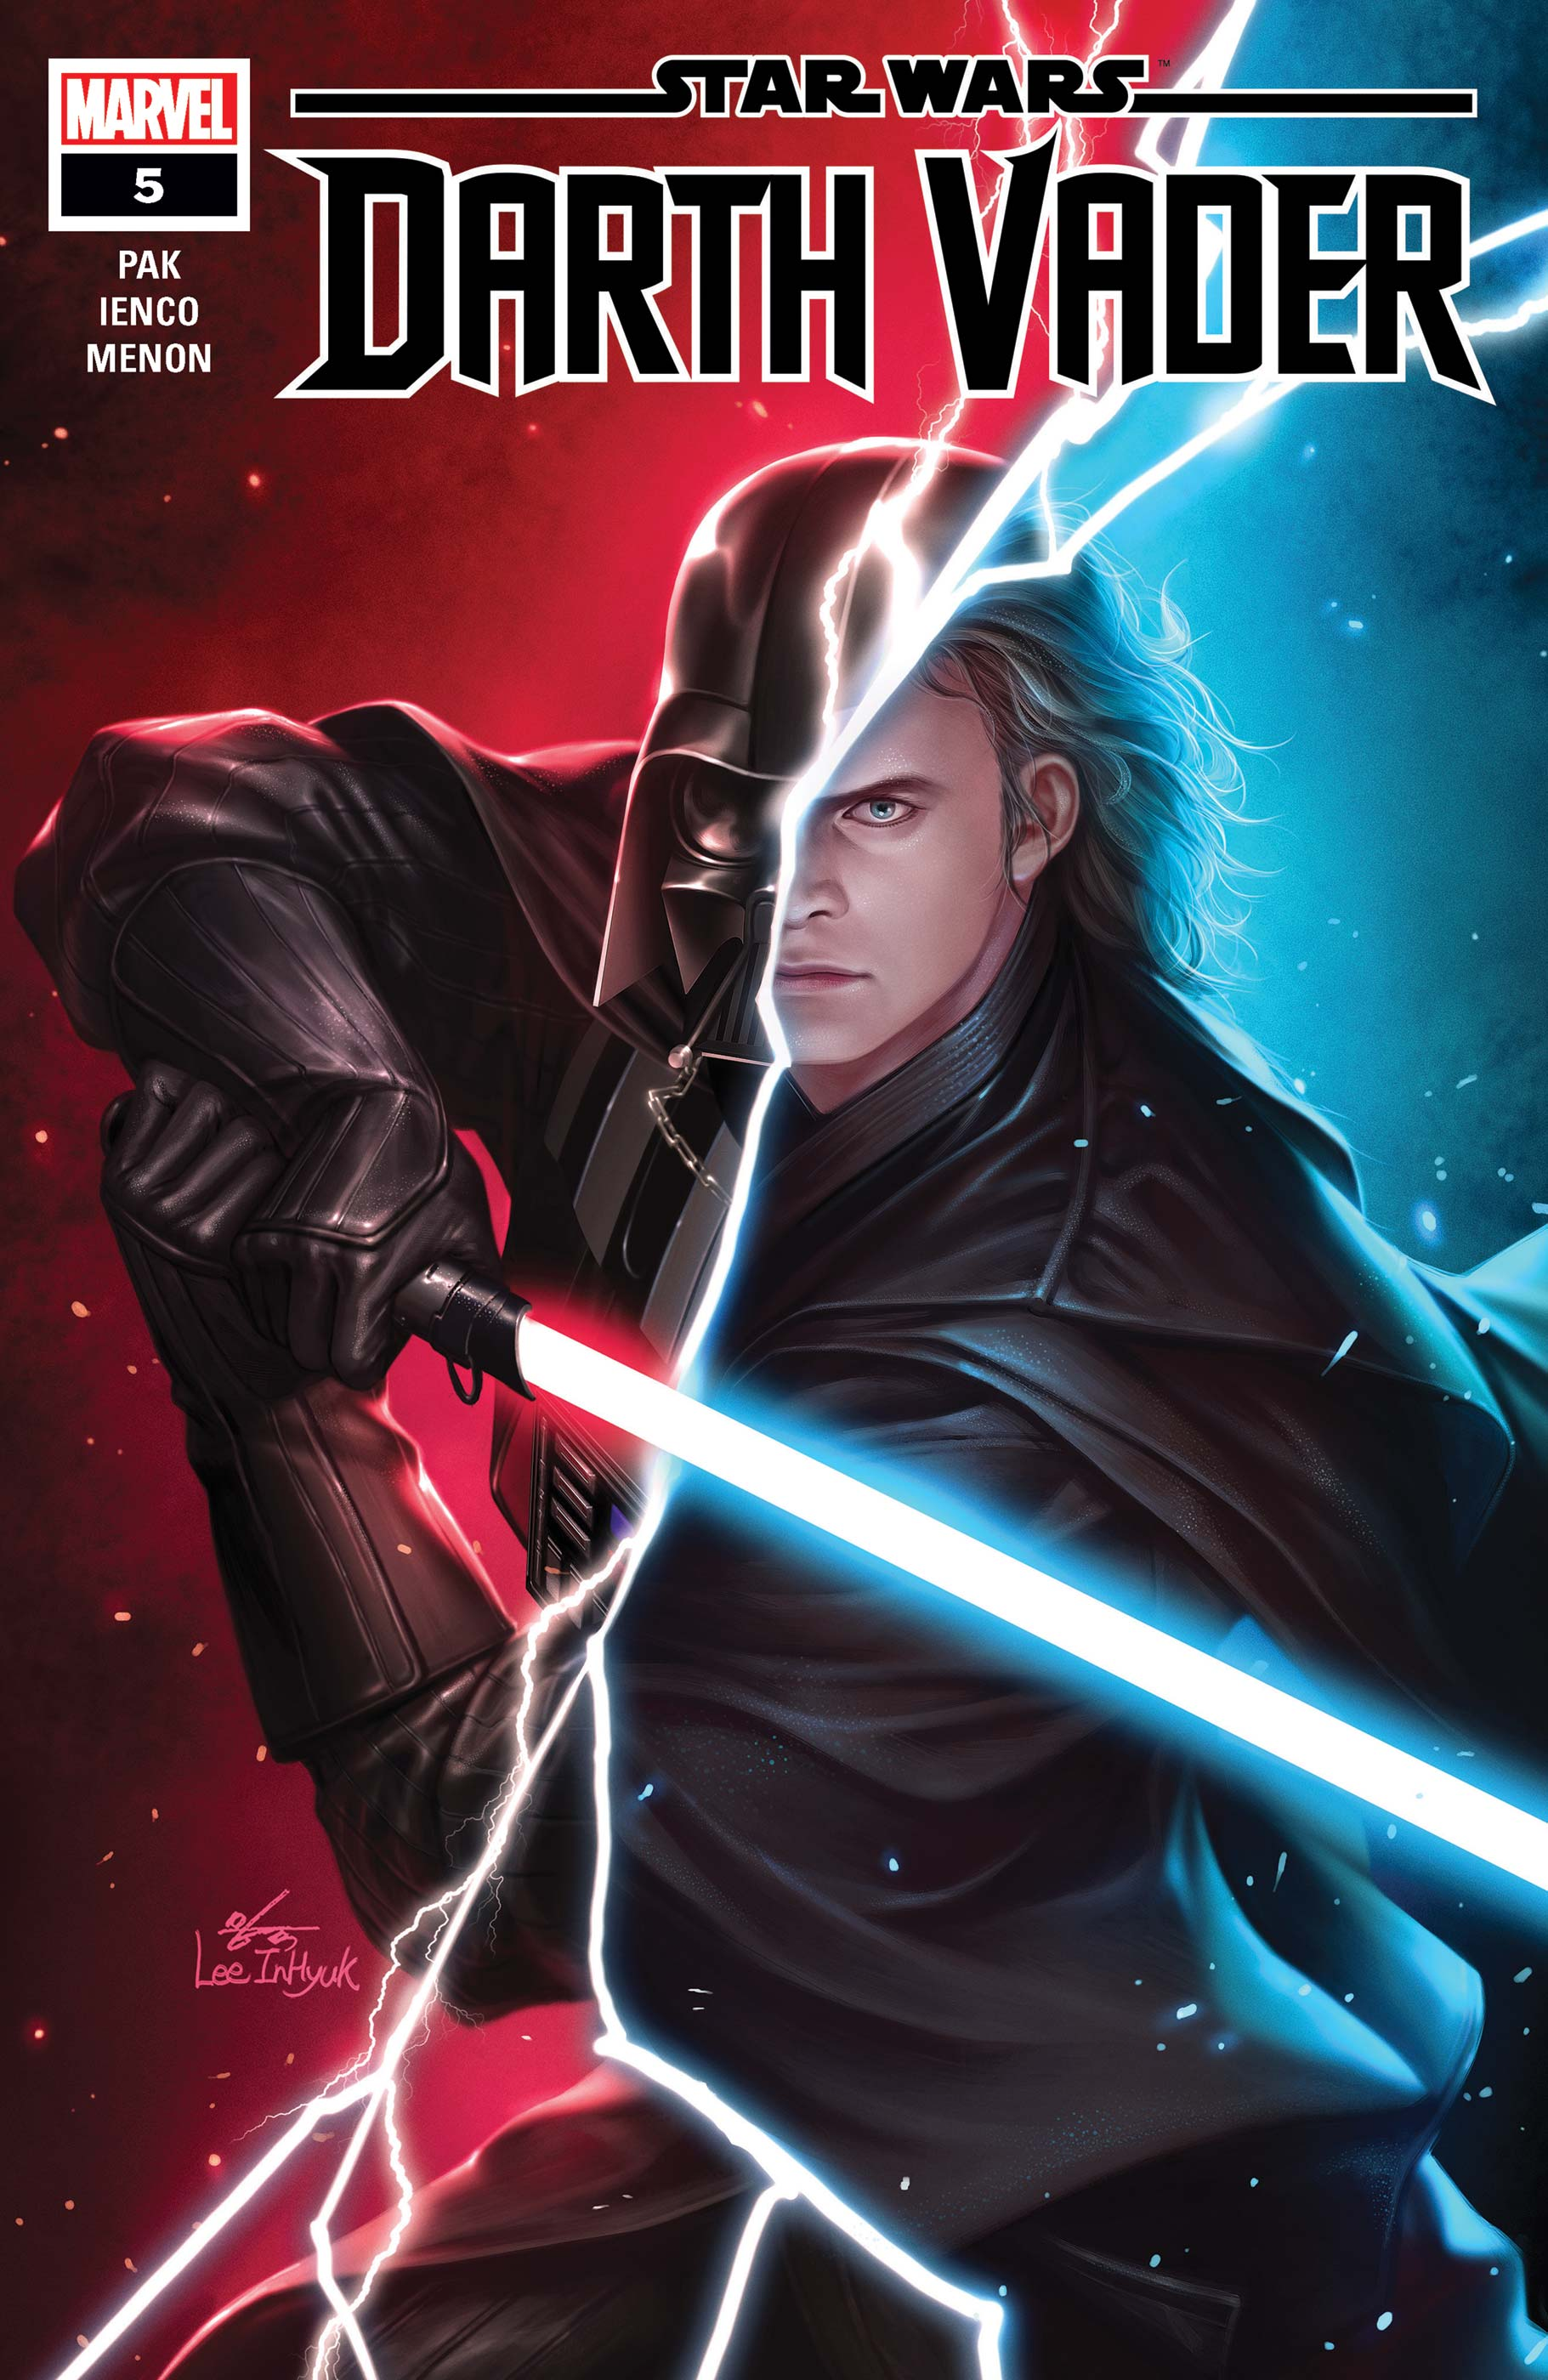 Star Wars: Darth Vader (2020) #5